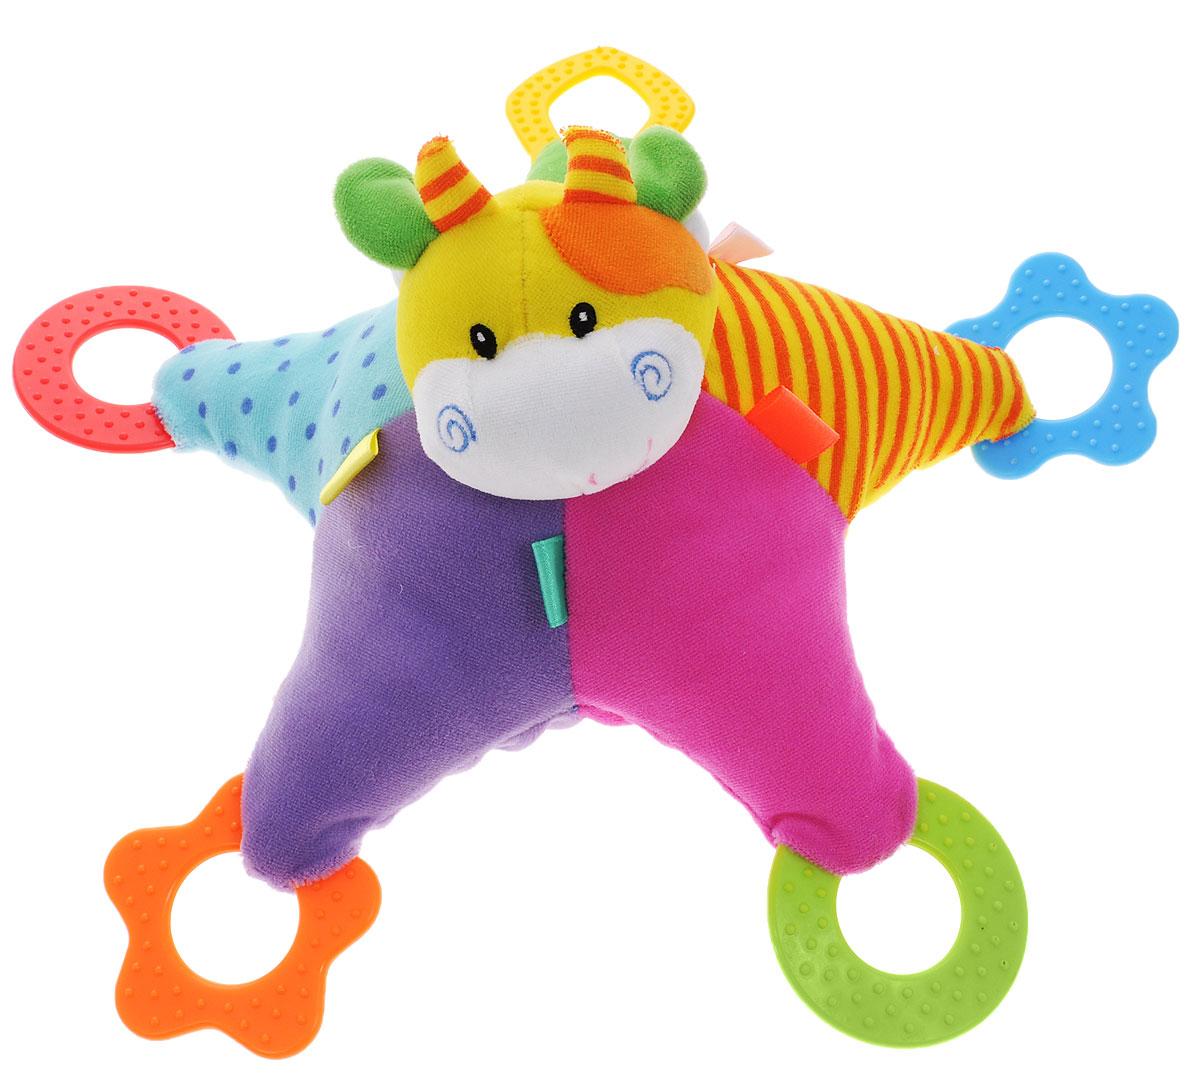 Жирафики Развивающая игрушка Звездочка93660Яркая развивающая игрушка Жирафики Звездочка изготовлена из материалов различной фактуры. Как же весело и интересно ее рассматривать! Но держать ее в маленьких ручках еще интереснее, ведь она таит в себе столько приятных сюрпризов и столько удивительных открытий! У игрушки имеются разноцветные прорезыватели, а внутри звездочки находится погремушка. Прорезыватели рекомендуются малышам, у которых появляются первые зубки. Они помогают снять неприятные болевые ощущения. Игрушка способствует развитию цветовосприятия, звуковосприятия и мелкой моторики рук.